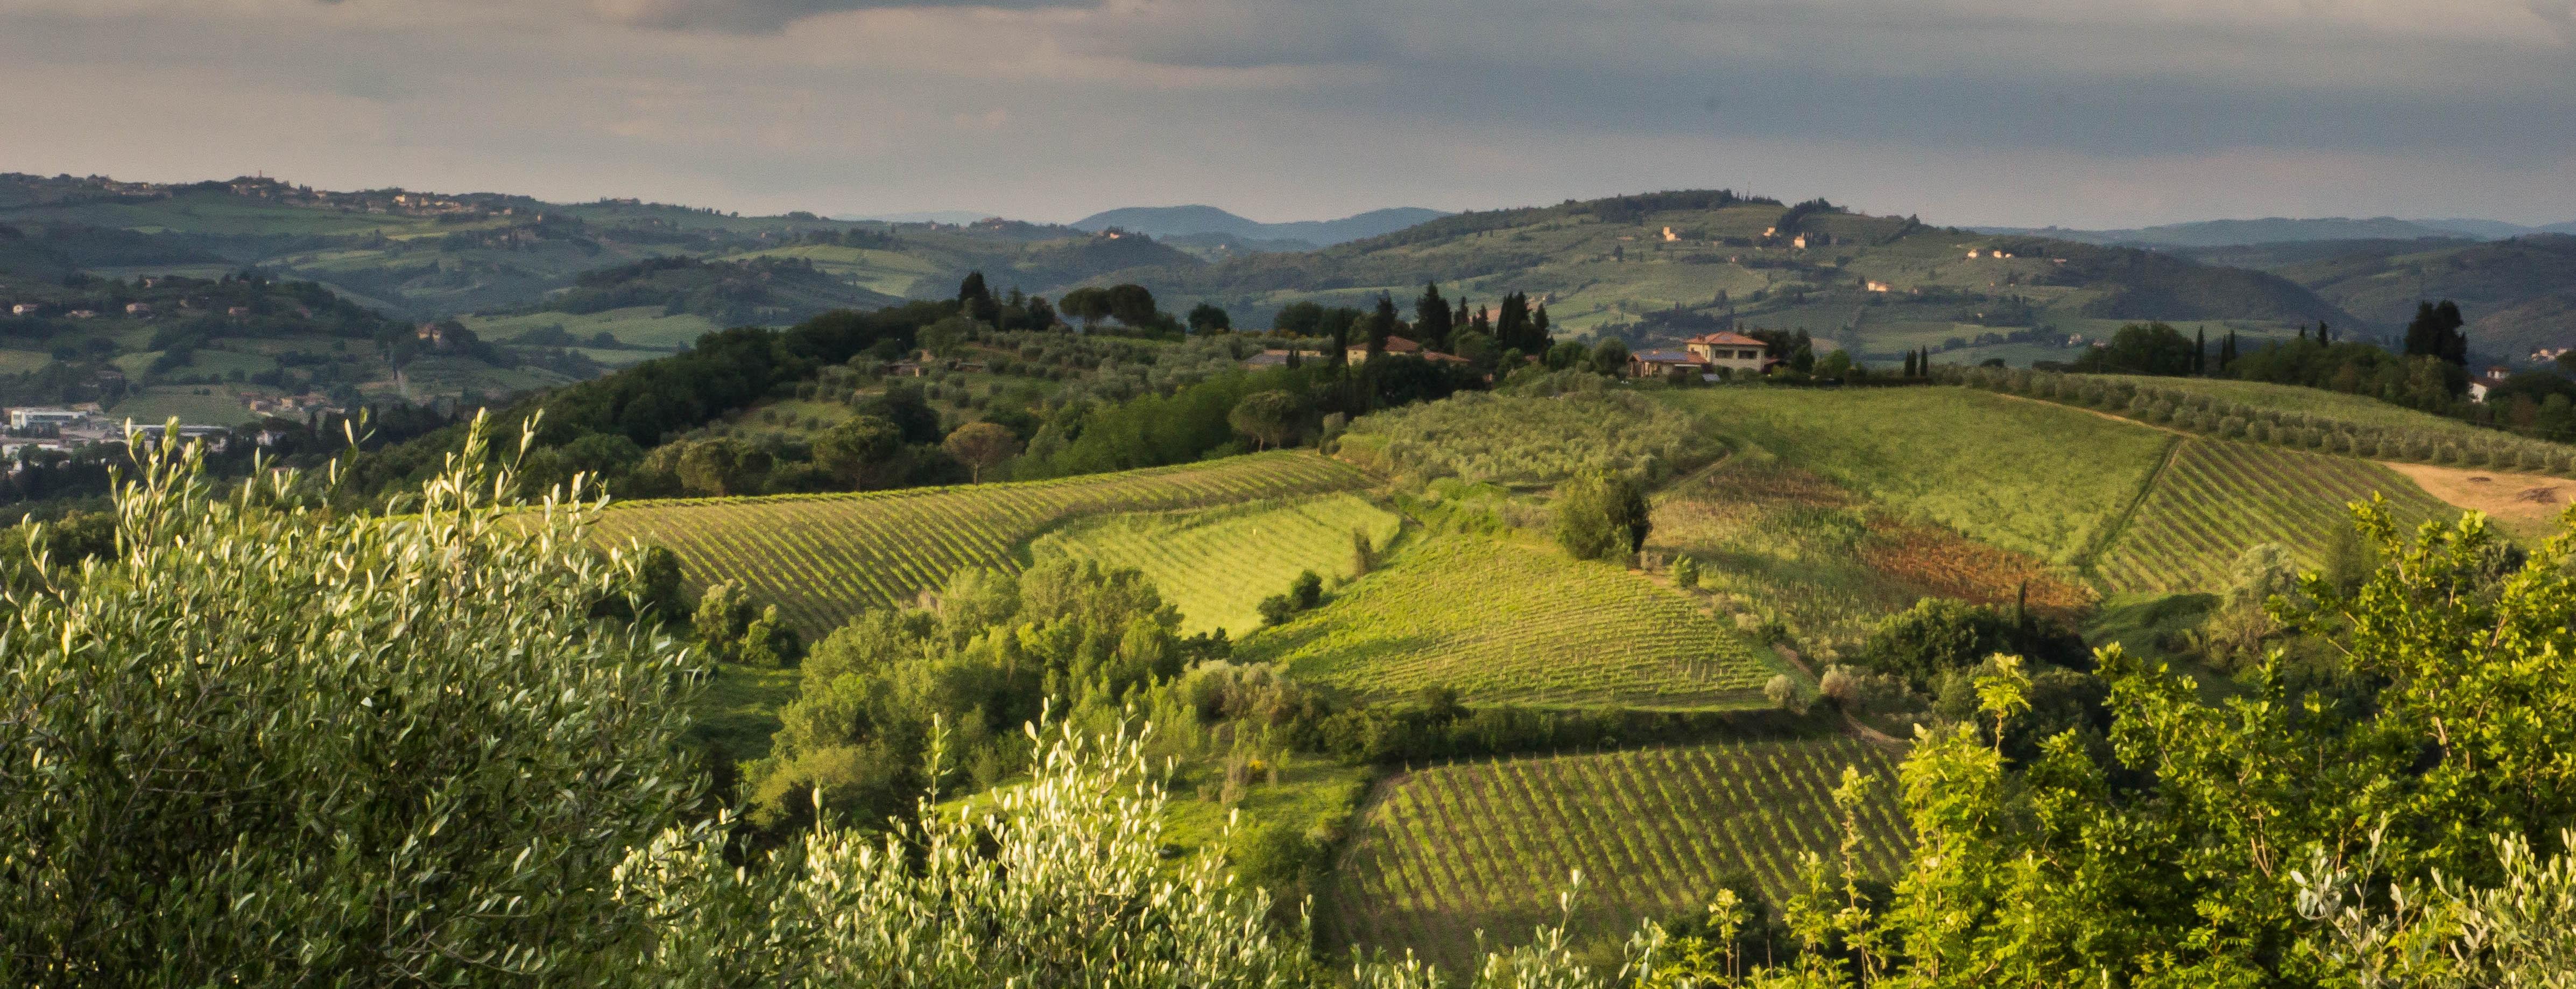 tuscany-2044332